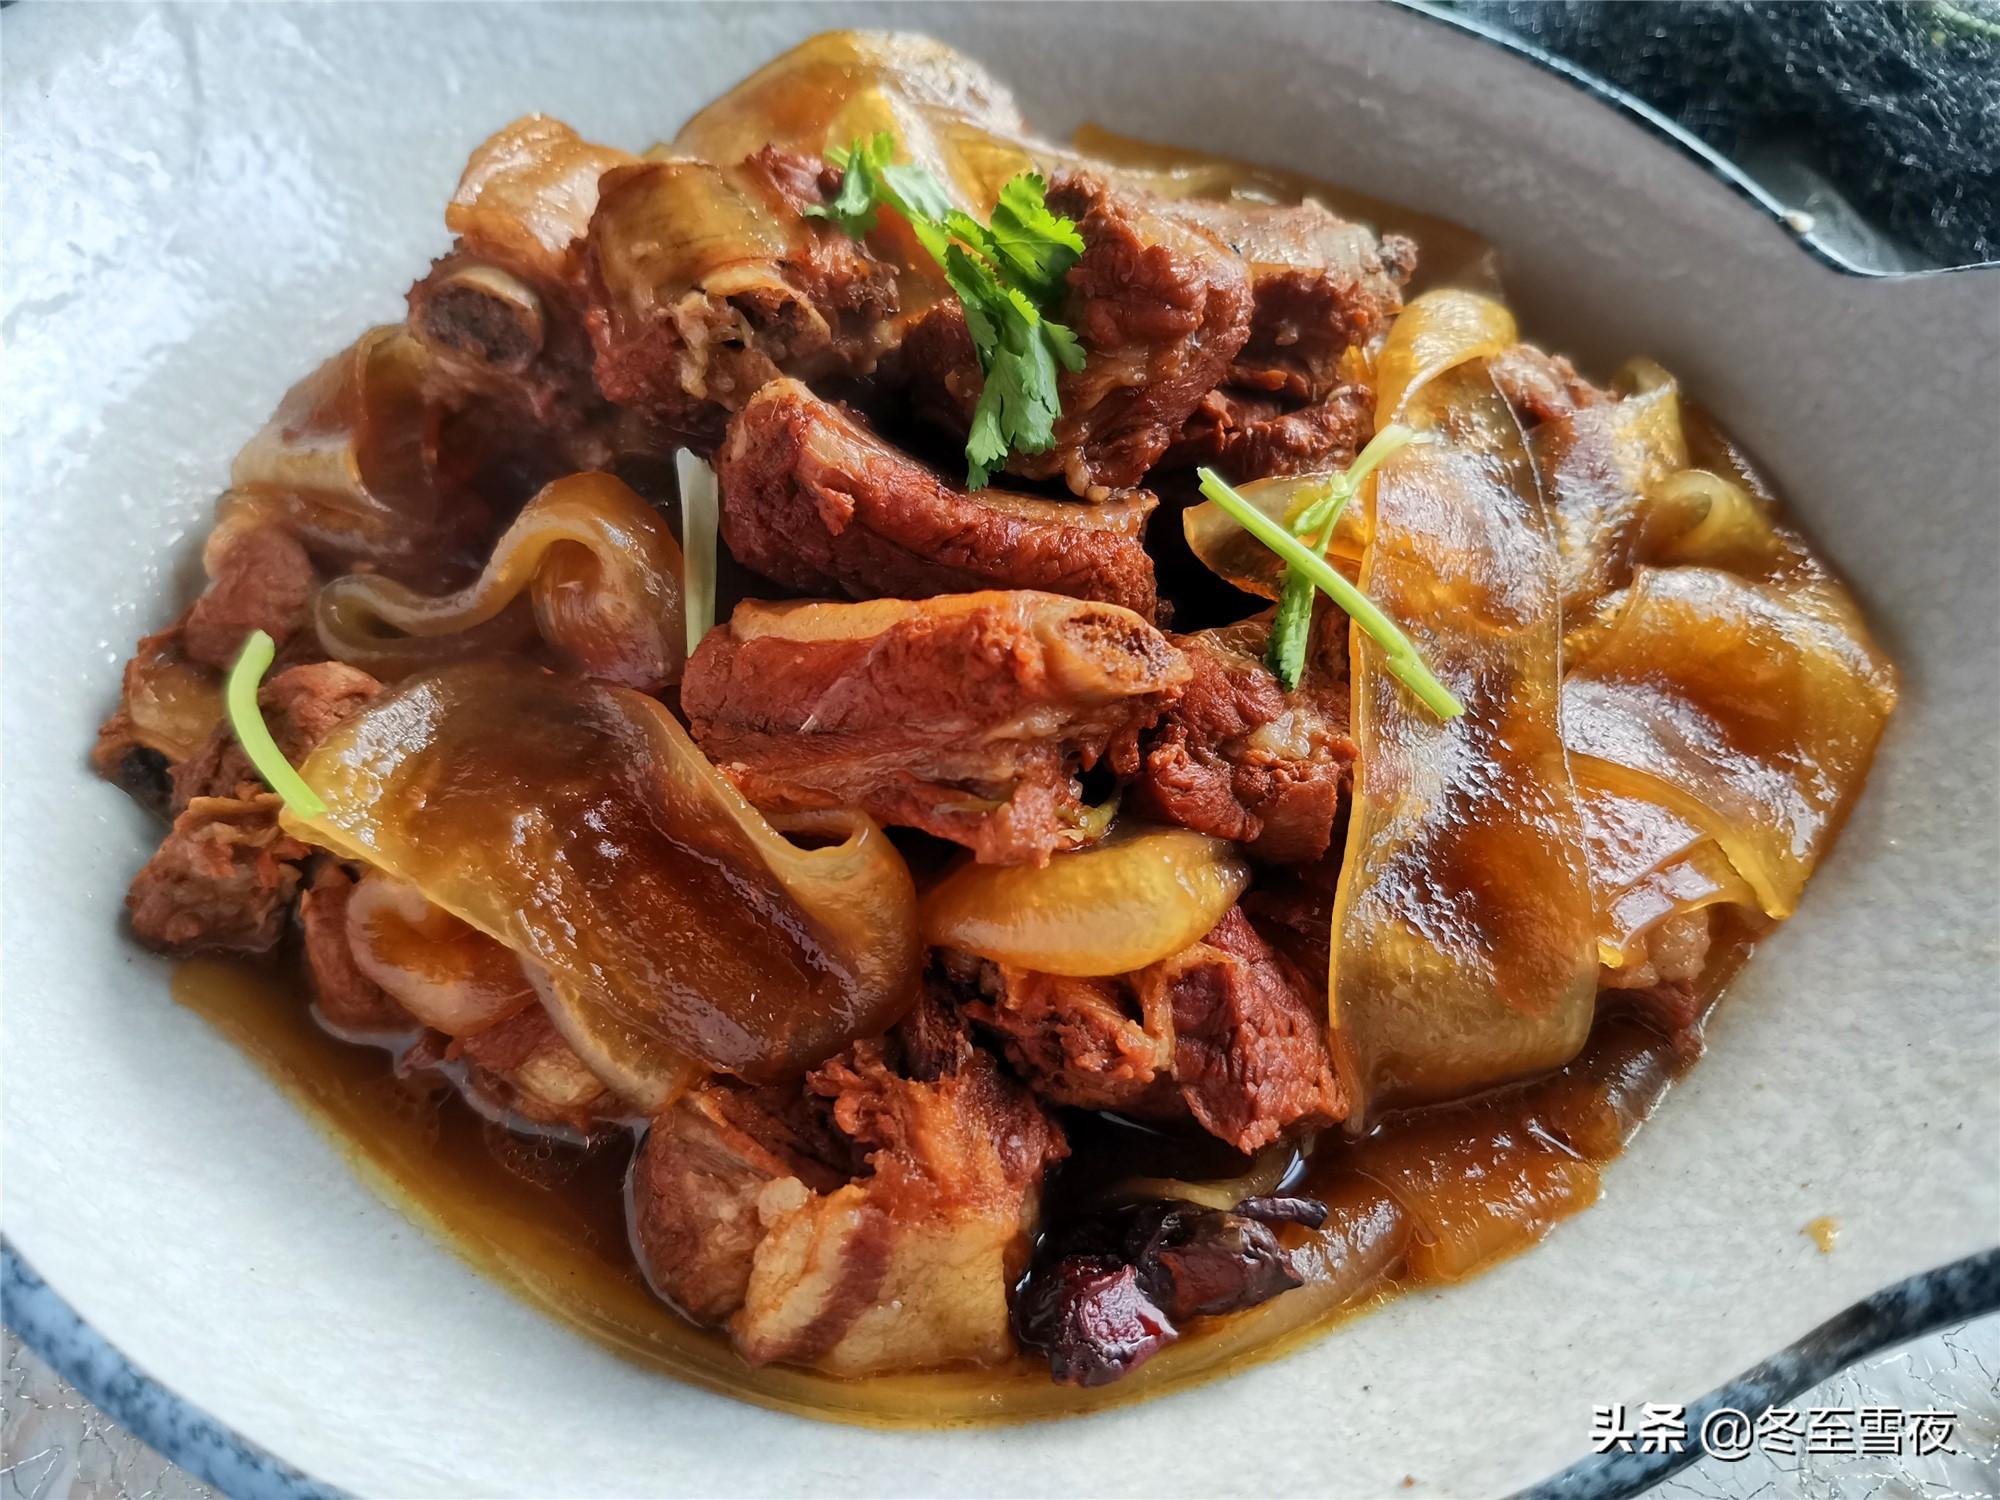 2021年夜饭菜单,东北传统风味的16个菜,都是下酒下饭硬菜 东北菜谱 第4张